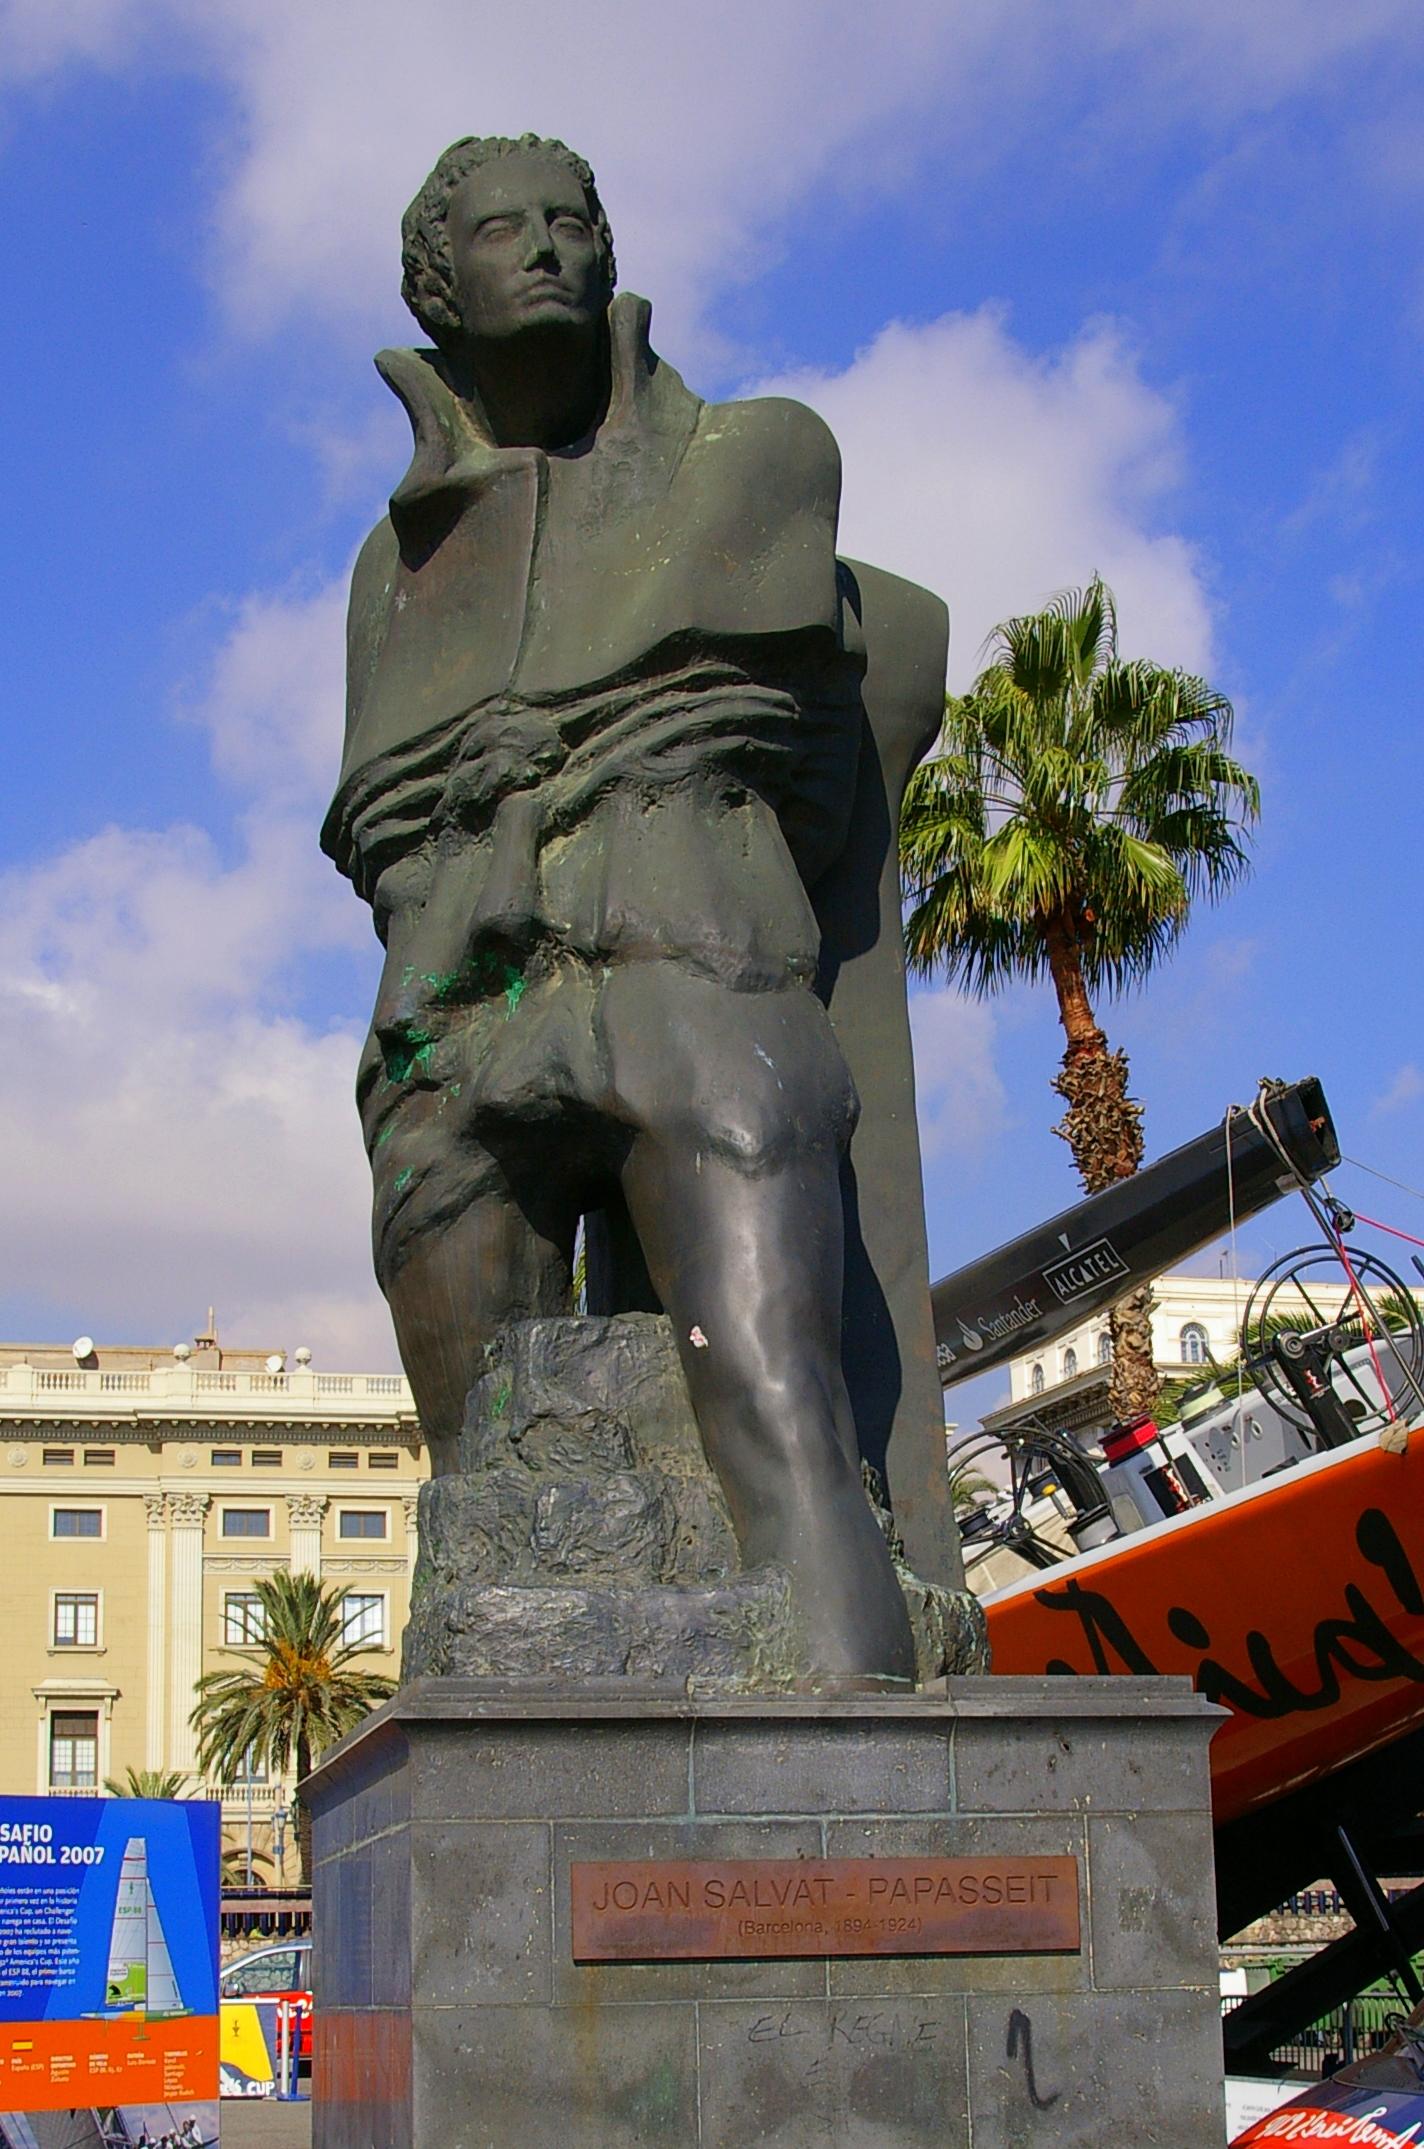 Estatua en honor a Joan Salvat-Papasseit en el Moll de la Fusta, donde trabajó de vigilante nocturno. En el pedestal hay una placa con el poema ''Nocturn per a acordió''. La escultura es obra del arquitecto luxemburgués Robert Krier.